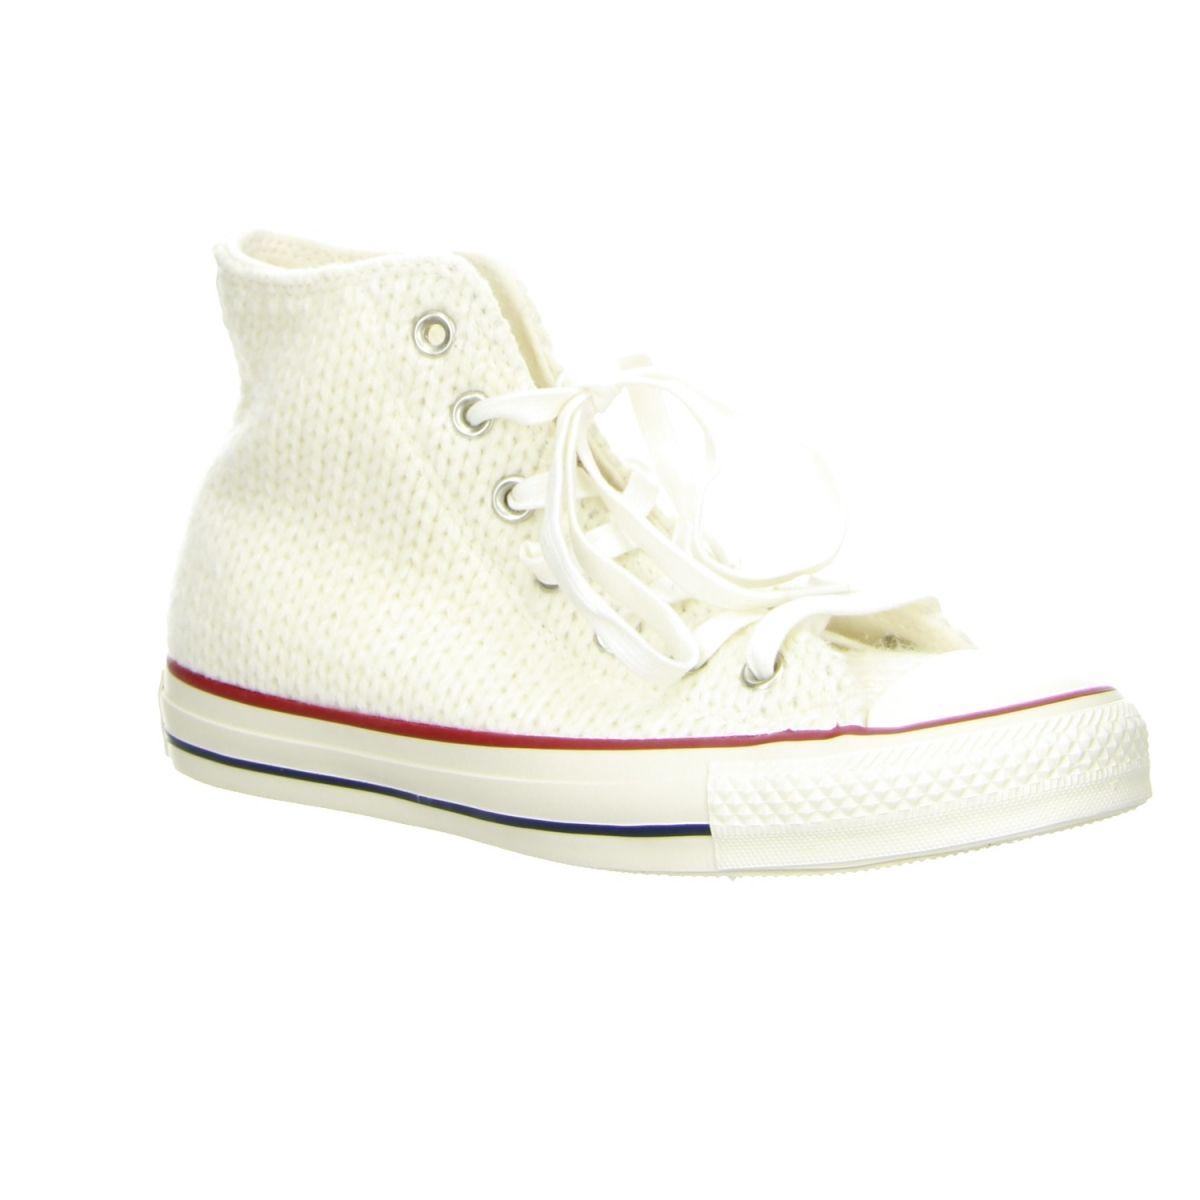 Details zu Converse CT All Star Outsider Sargent HI Boots Chucks Herren Damen Schuhe NEU